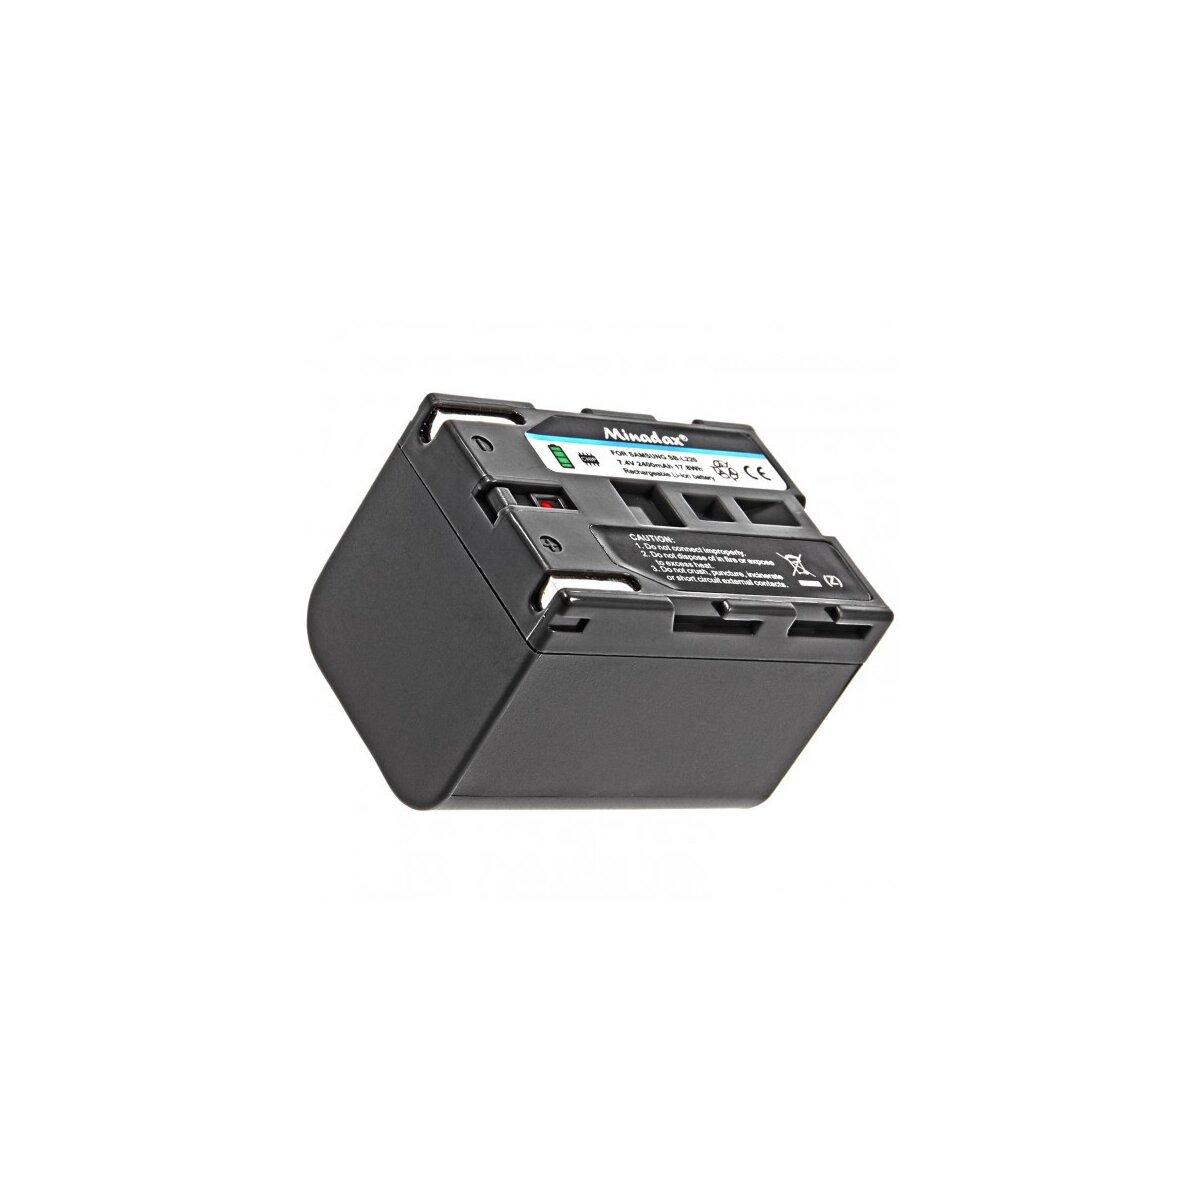 Minadax® Qualitaetsakku mit echten 2400 mAh fuer Medion MD41859 MD9021 MD9021n MD9035 MD9035n MD9069 MD9069n MD9090, wie SB-L220 - Intelligentes Akkusystem mit Chip